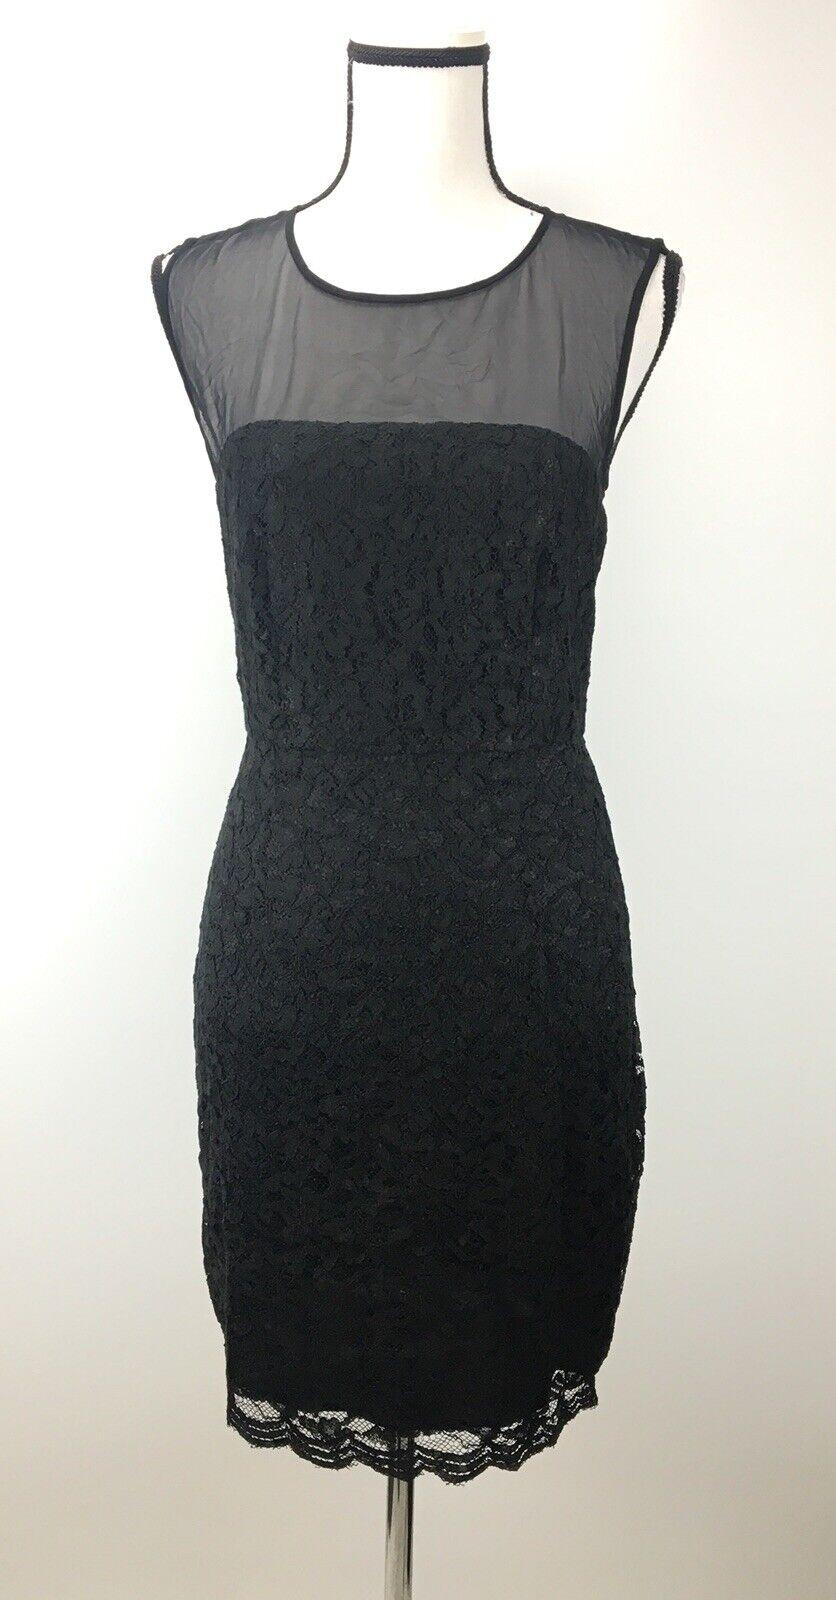 NWT DVF Diane von Furstenberg Sheath Dress Größe 8 Sleeveless Floral schwarz